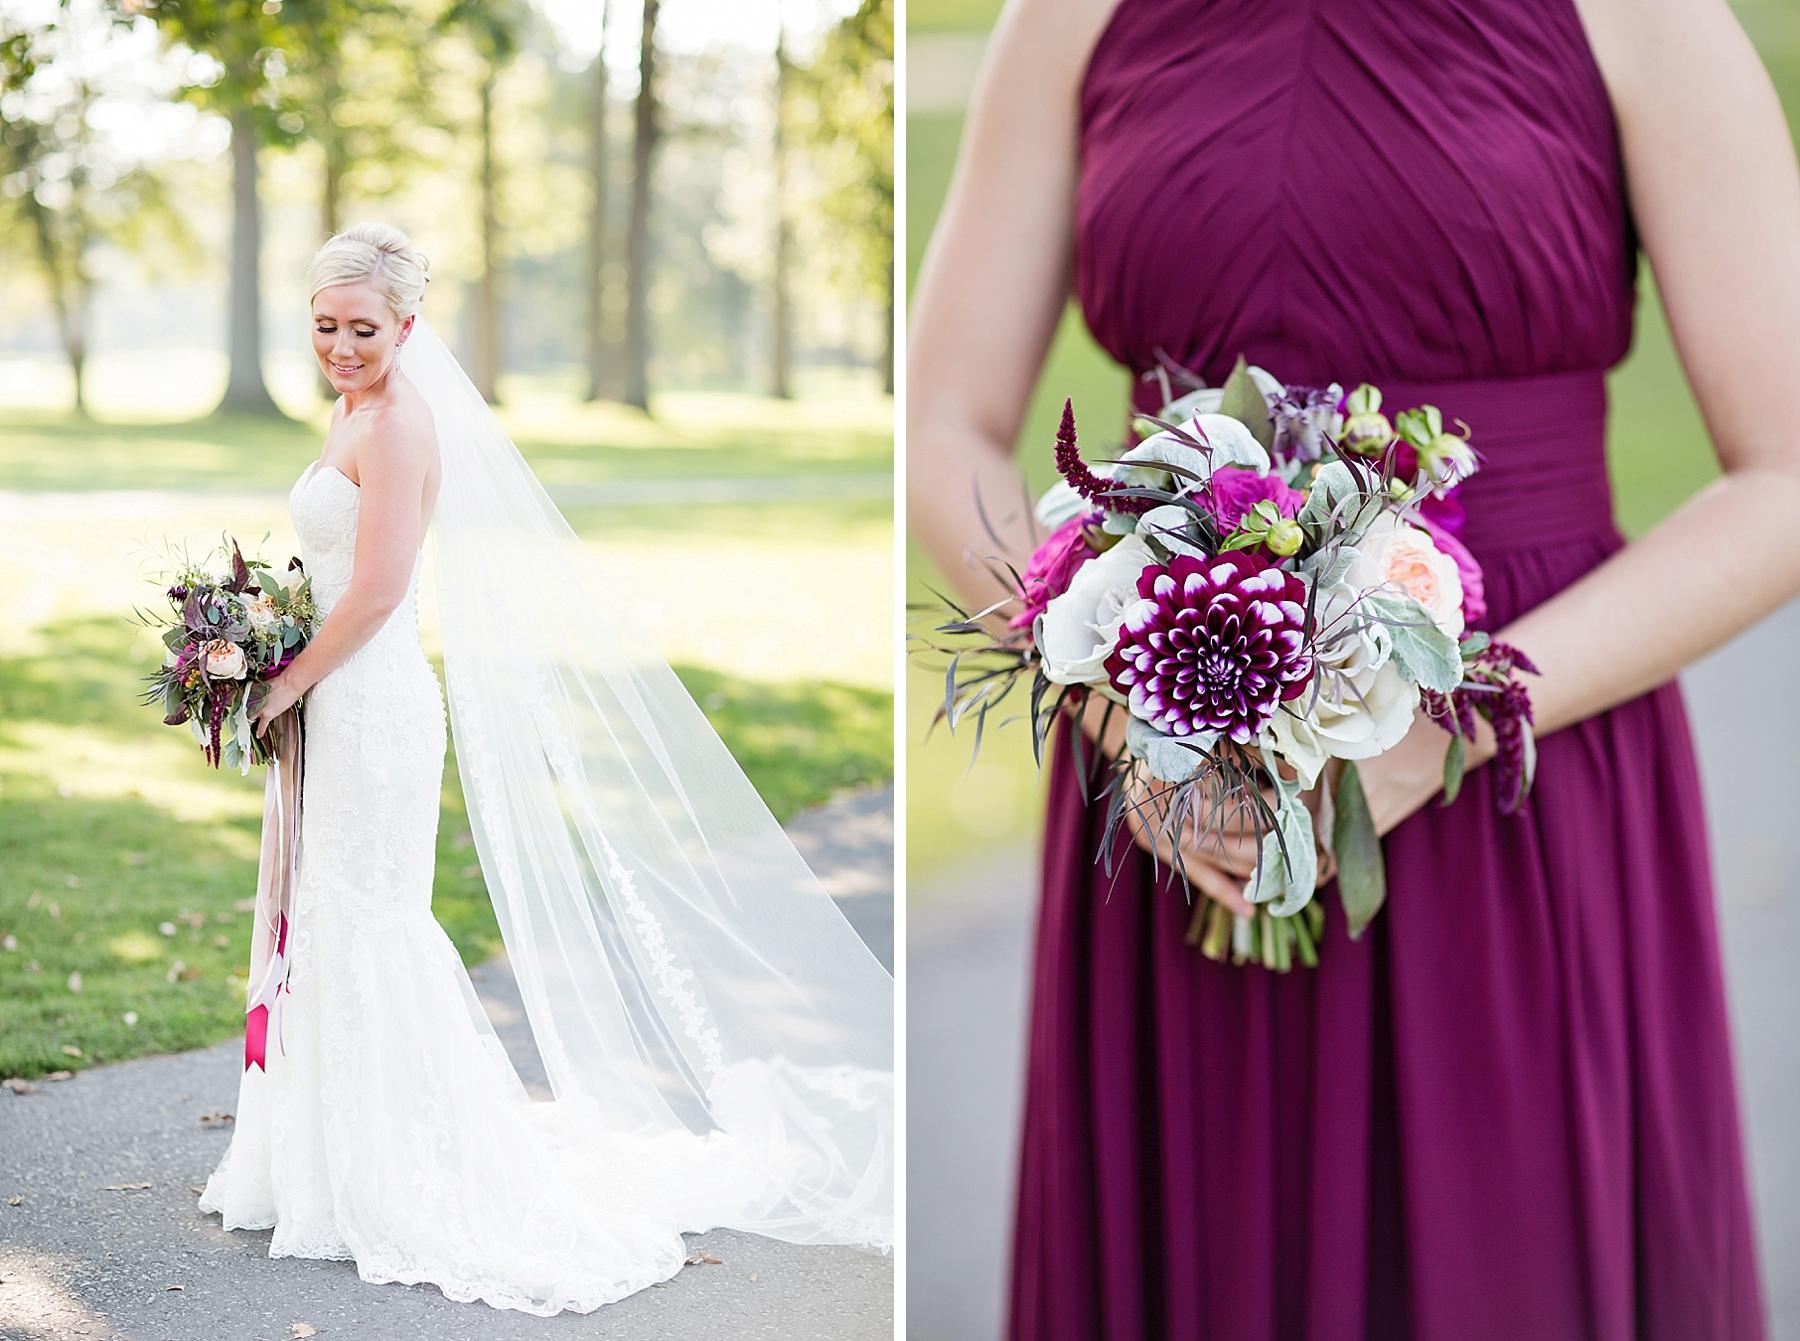 windsor-wedding-photographer-essex-golf-country-club-wedding-eryn-shea-photography_0043.jpg